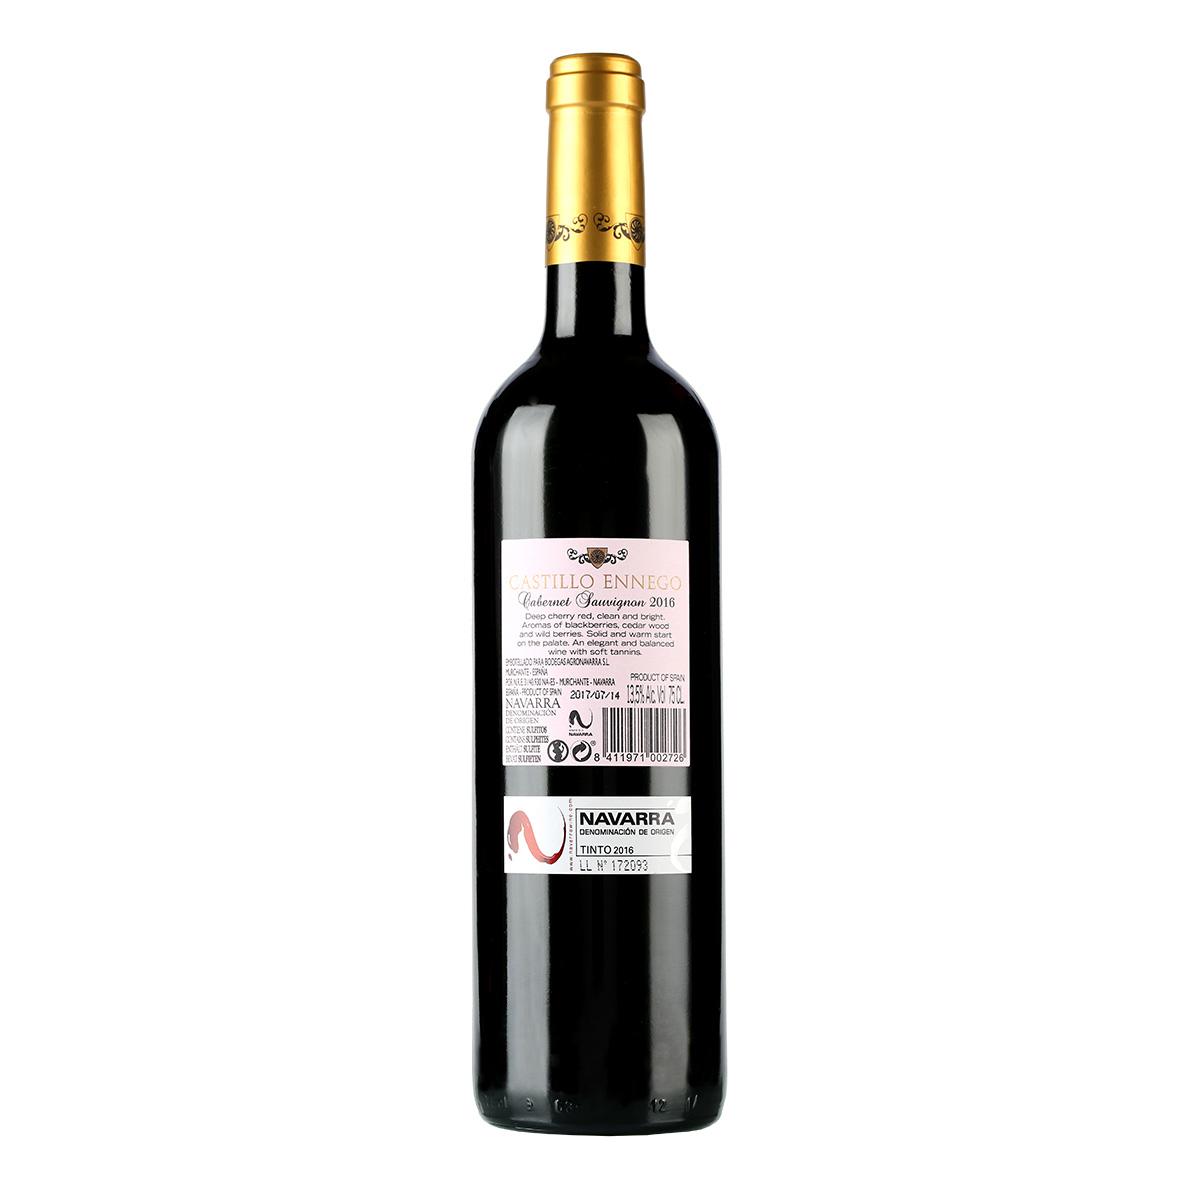 西班牙纳瓦拉安格蓉纳瓦拉酒庄卡斯蒂罗安纳歌赤霞珠干红葡萄酒(广州永信酒业 )